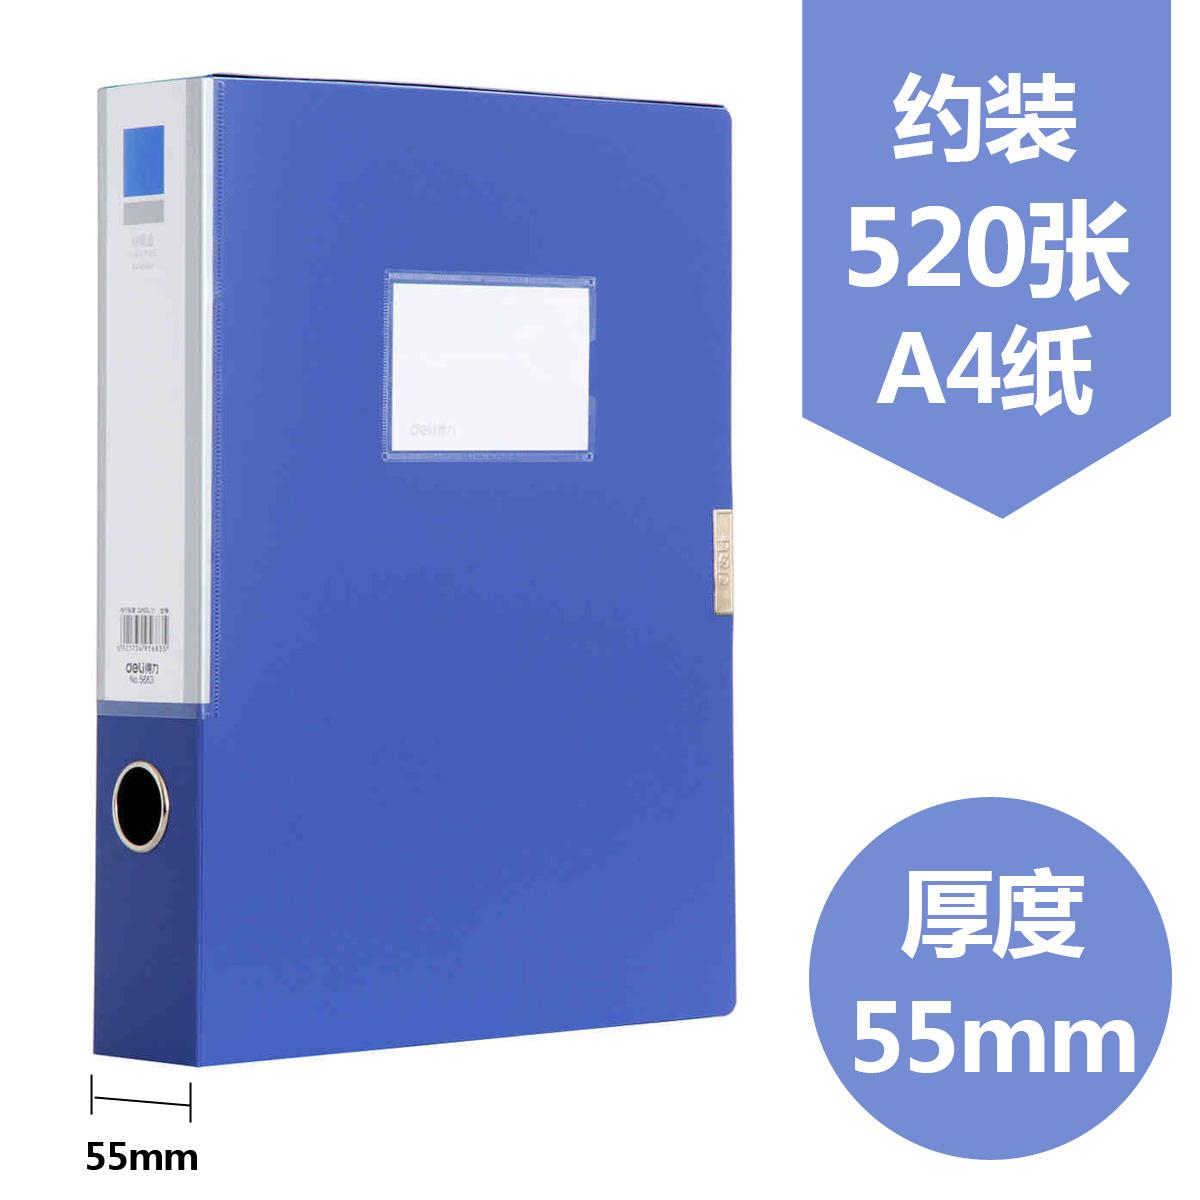 得力档案盒A4塑料文件盒3.5cm资料盒55mm大容量无夹文件夹收纳盒